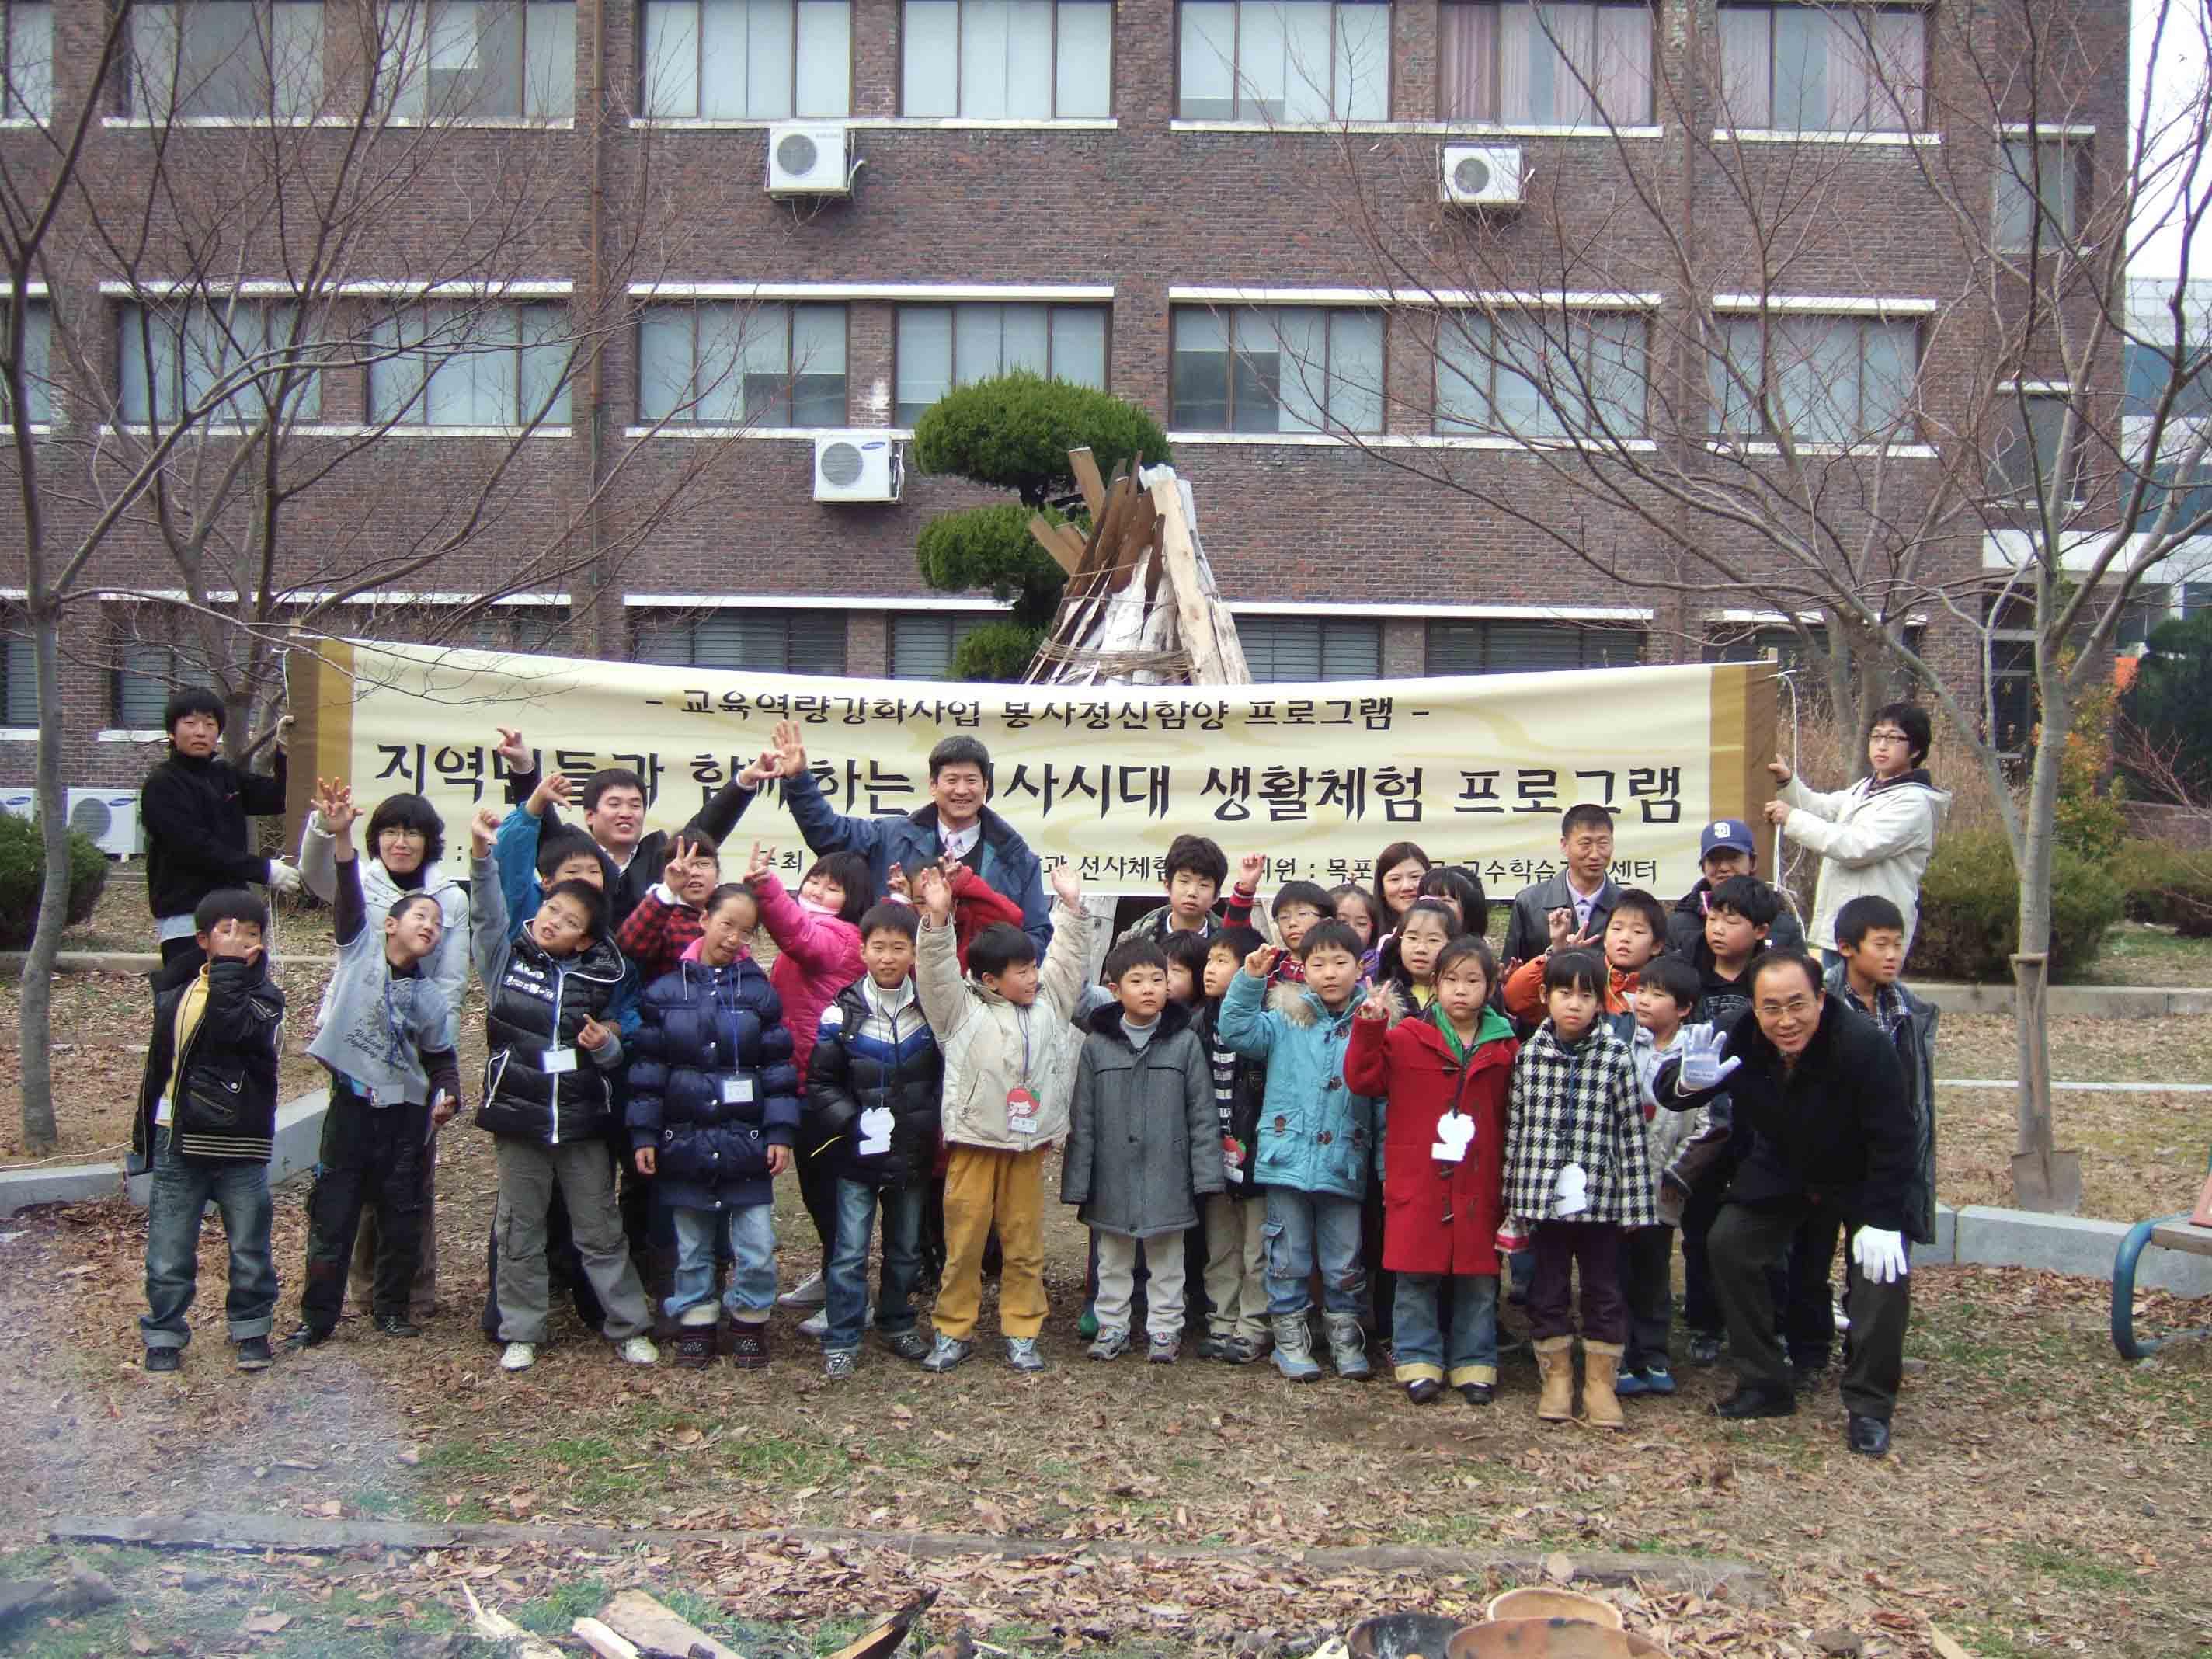 2009년 지역민들과 함께하는 선사시대...